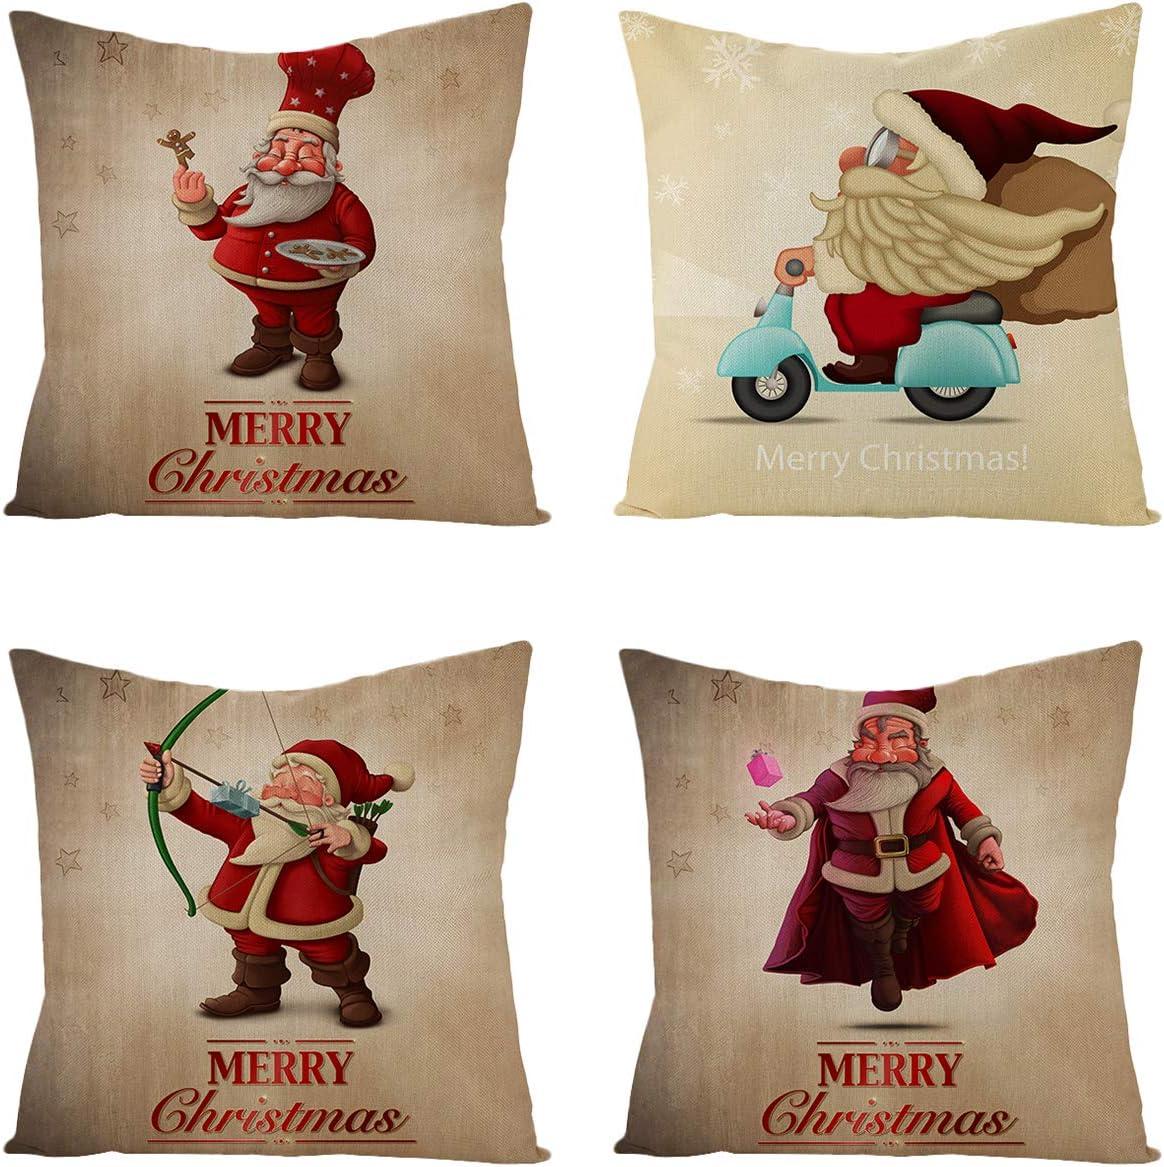 18/'Christmas Cover  Case  Linen  Cotton   Santa  Claus  Pillow  Cushion  Decor